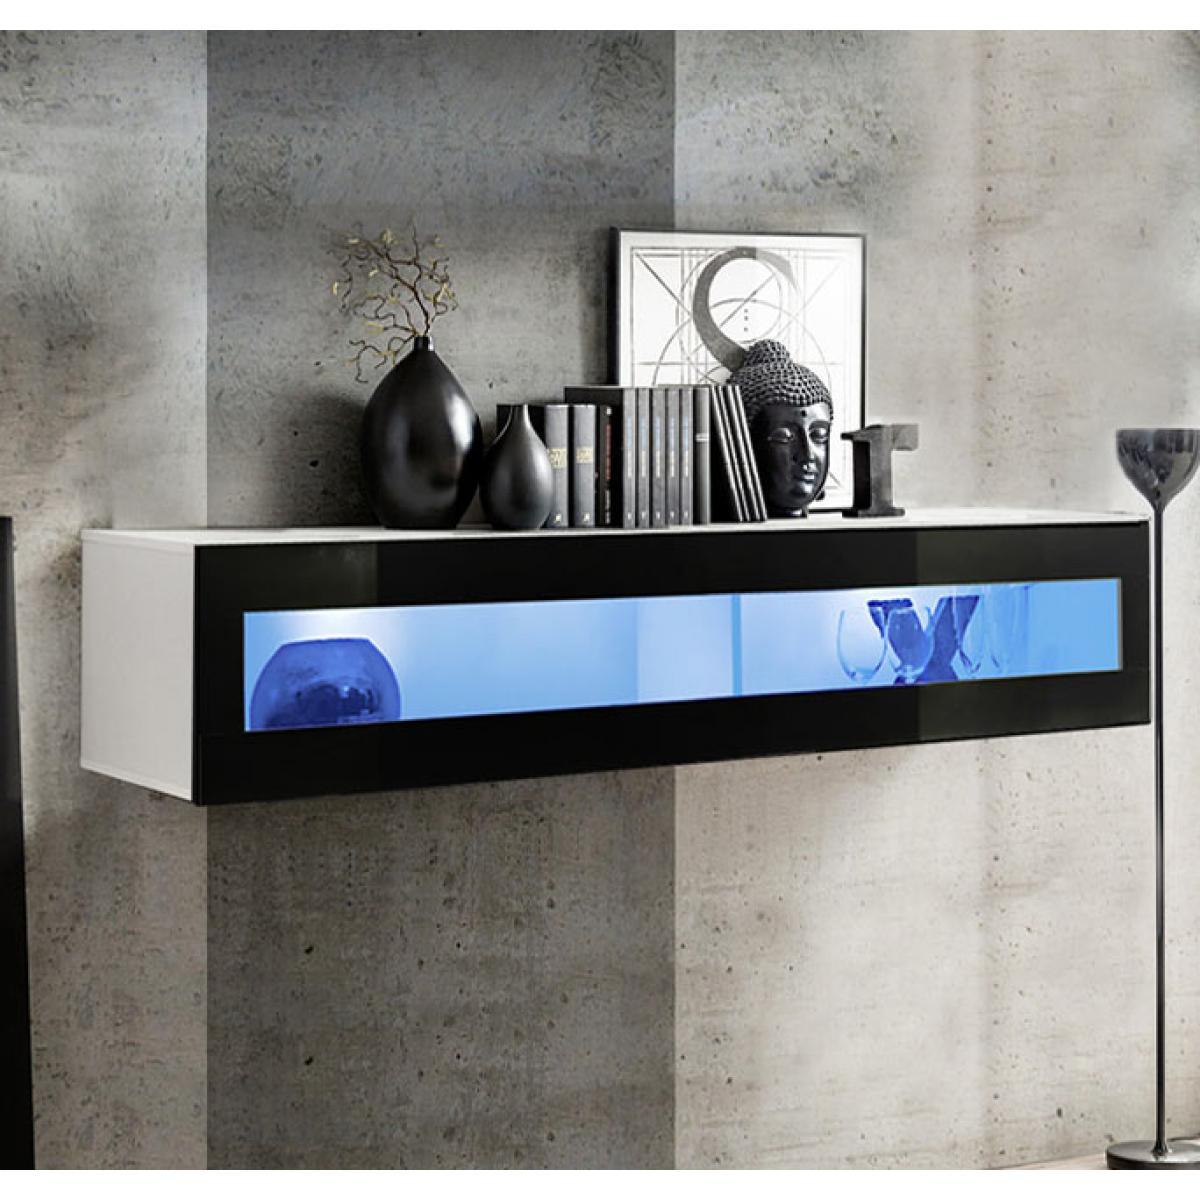 Design Ameublement Armoire murale modèle Krista H160CR (160x30cm) blanc et noir